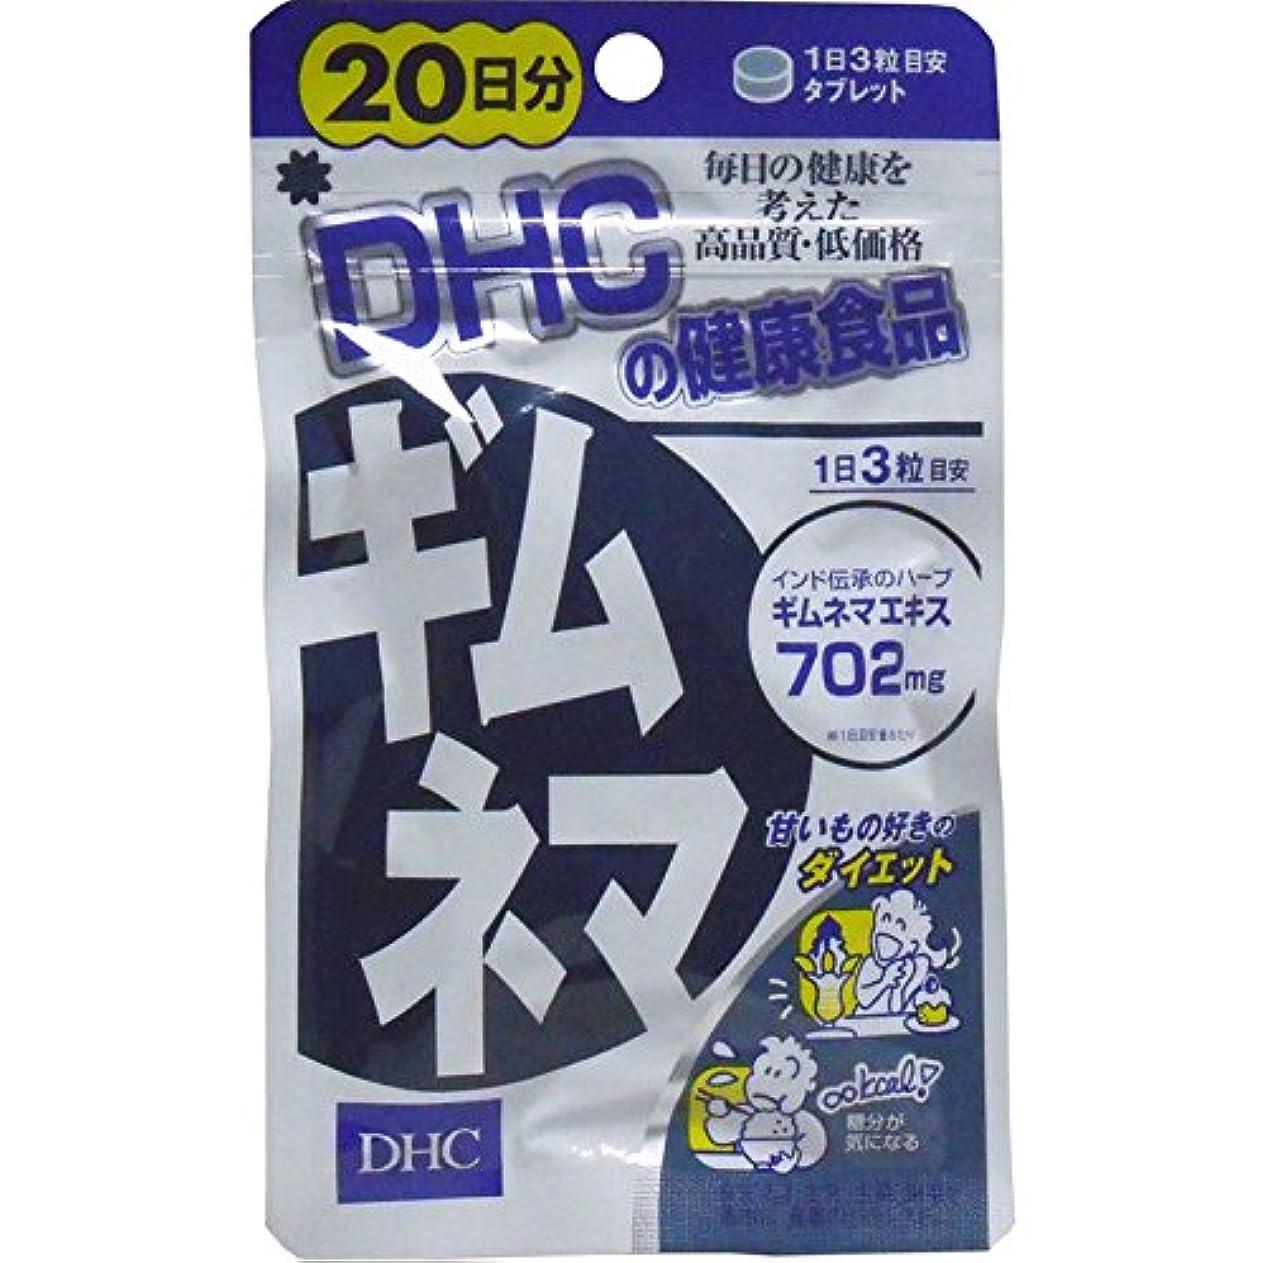 ストローク同一性韻余分な糖分をブロック DHC ギムネマ 20日分 60粒